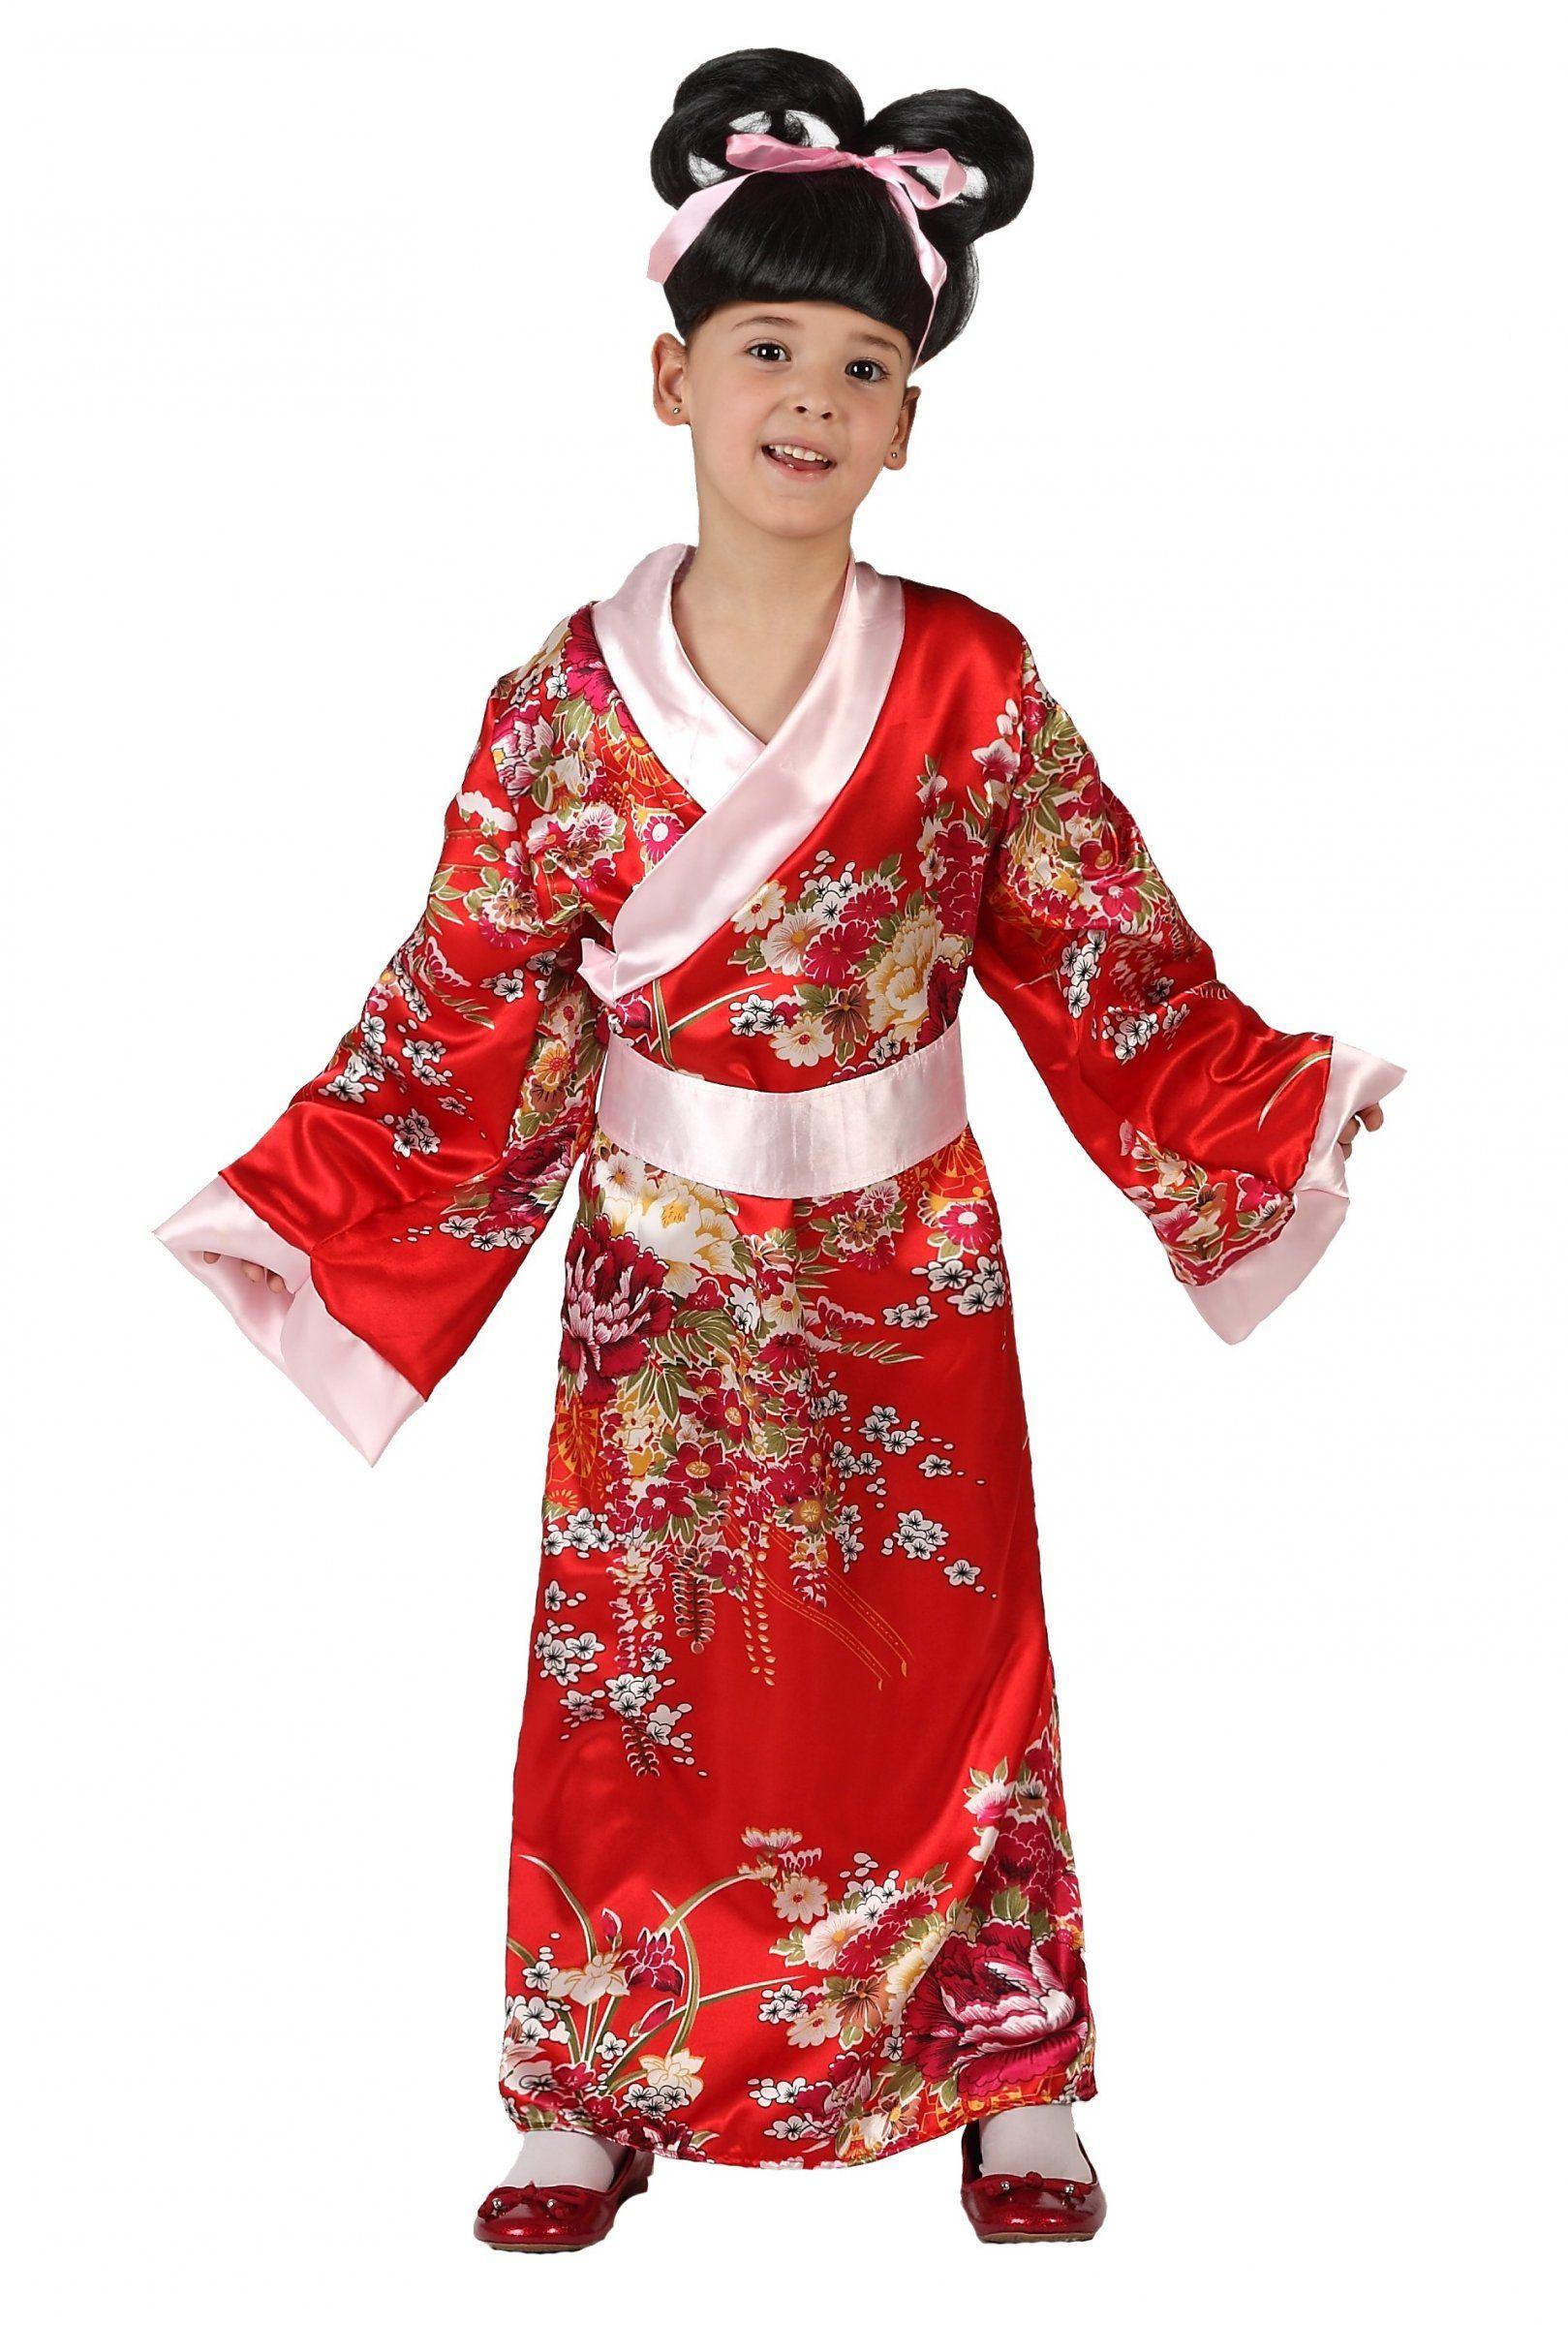 Bien connu Deguisement chinoise fille 25 euros | carnaval tour du monde  GT85